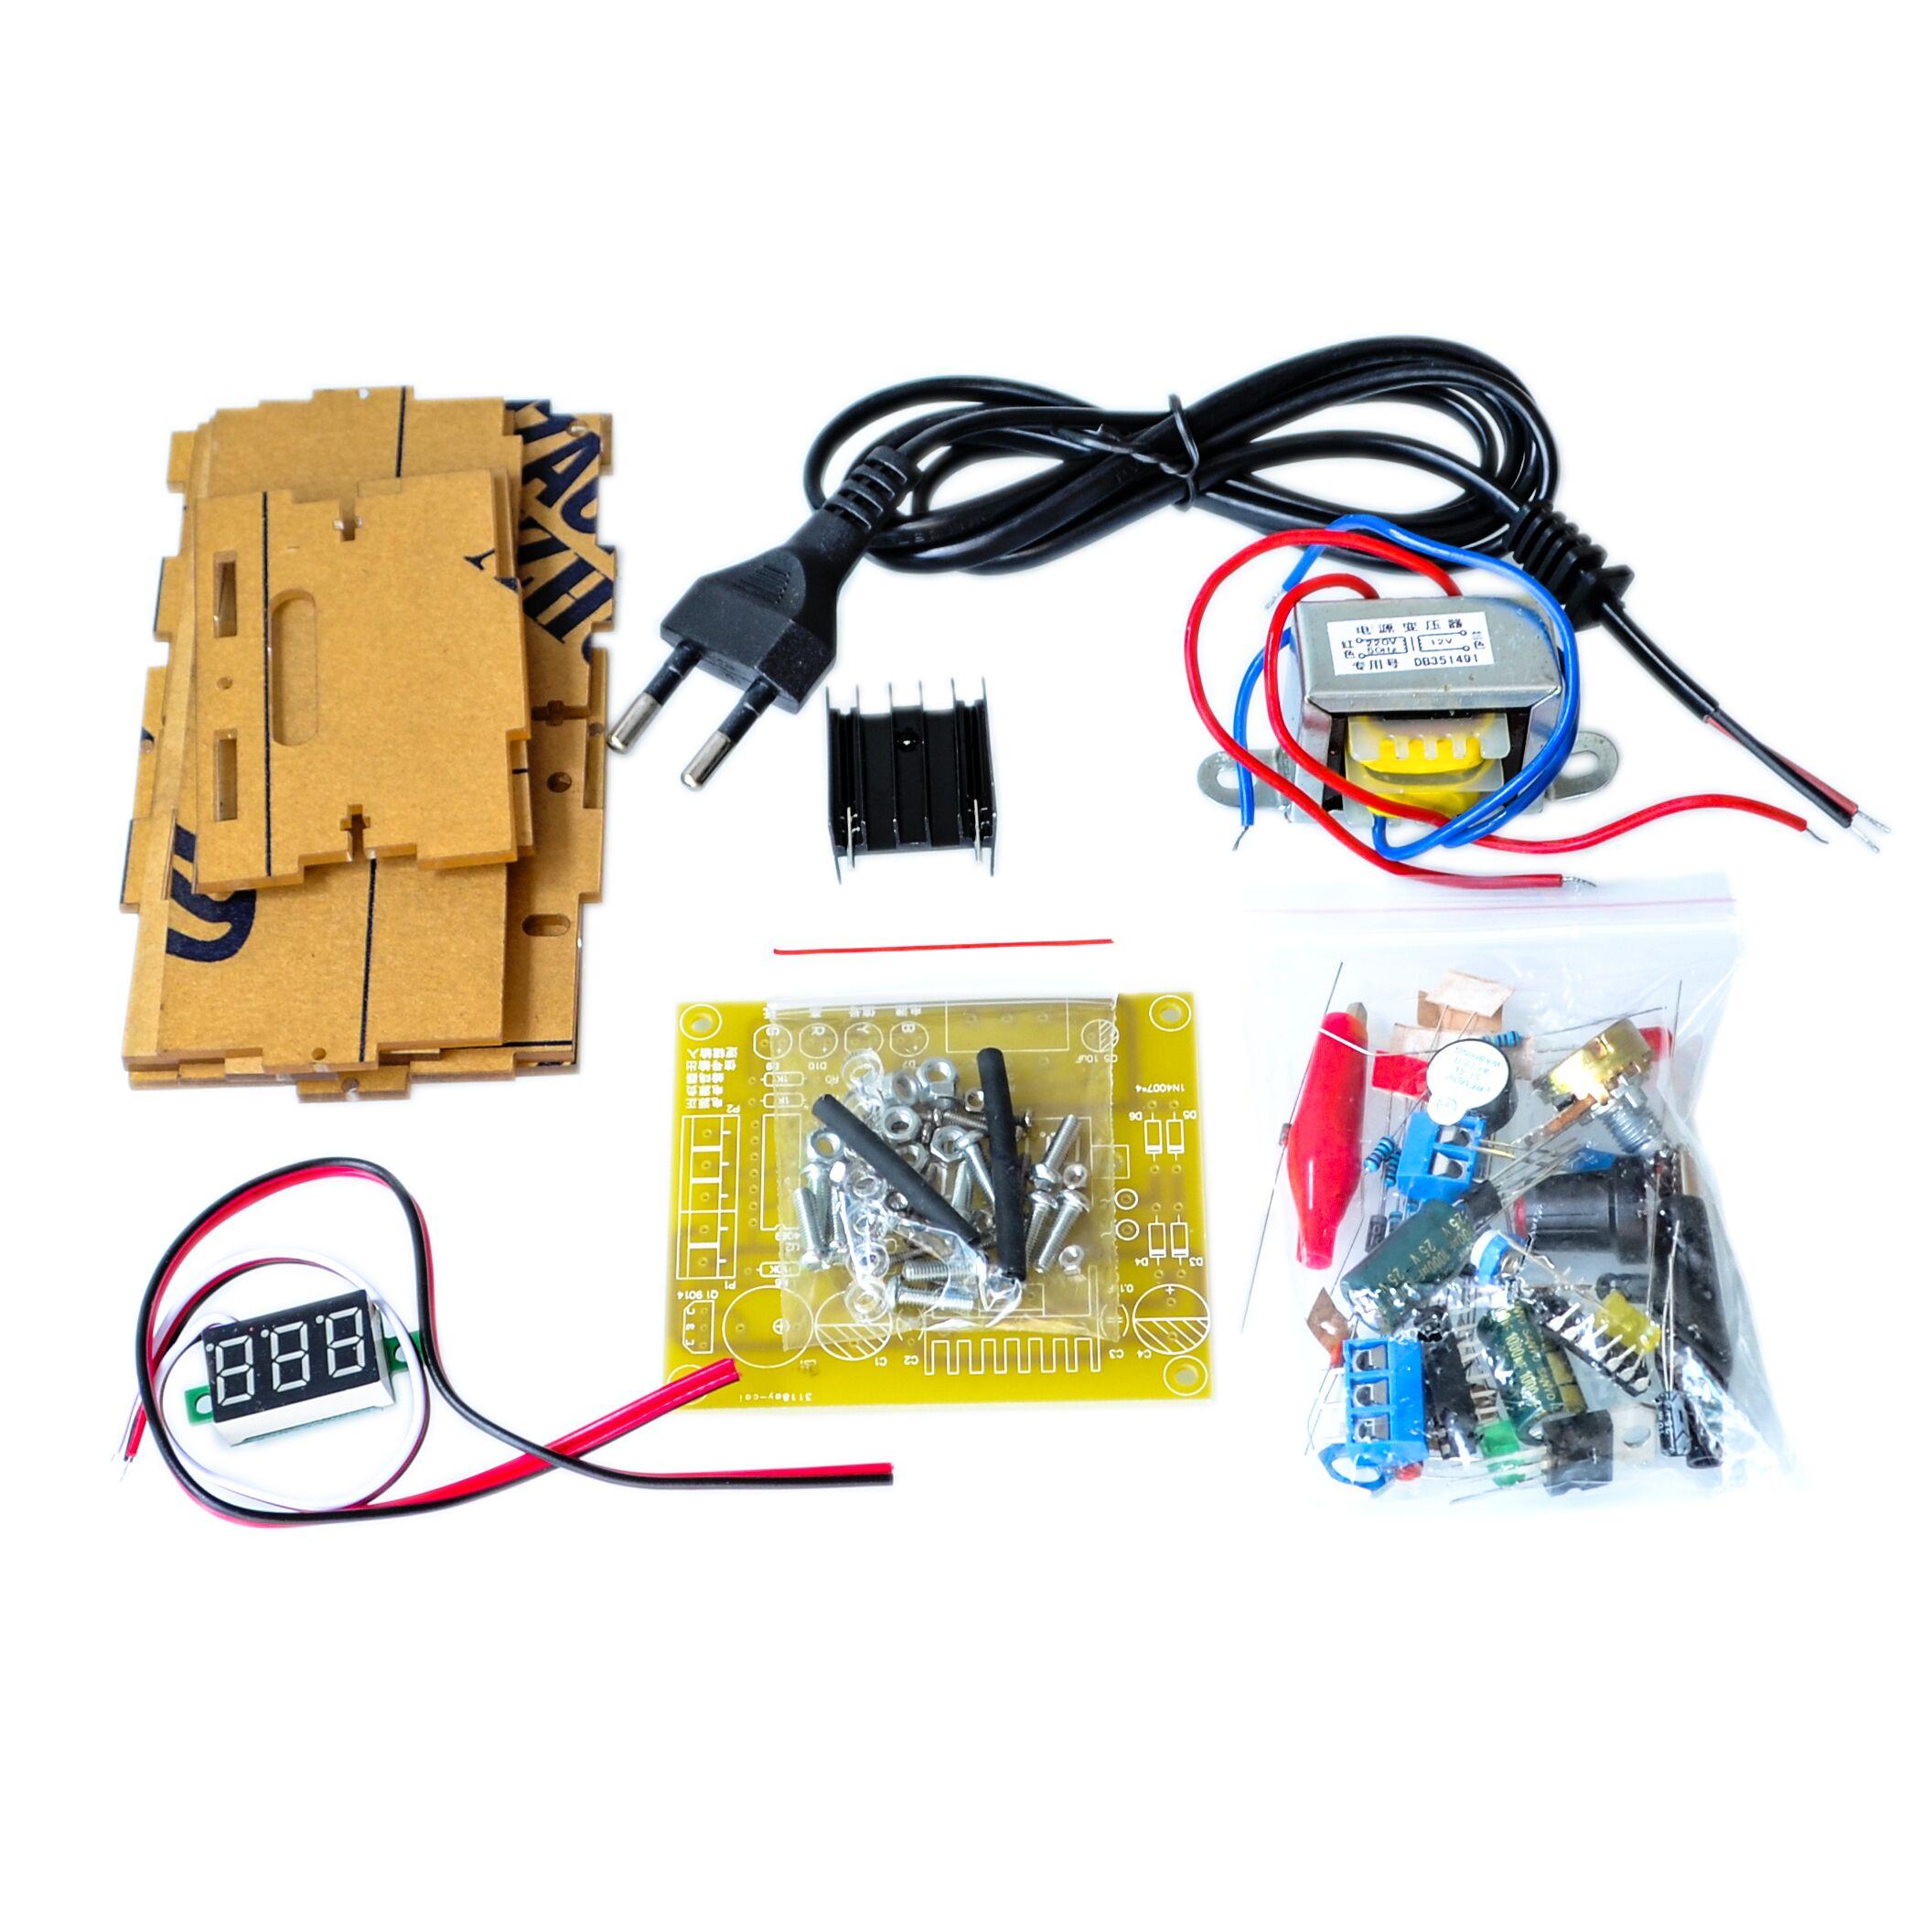 Electronic diy parts lm317 adjustable voltage regulator board kit power supply kit transformerElectronic diy parts lm317 adjustable voltage regulator board kit power supply kit transformer